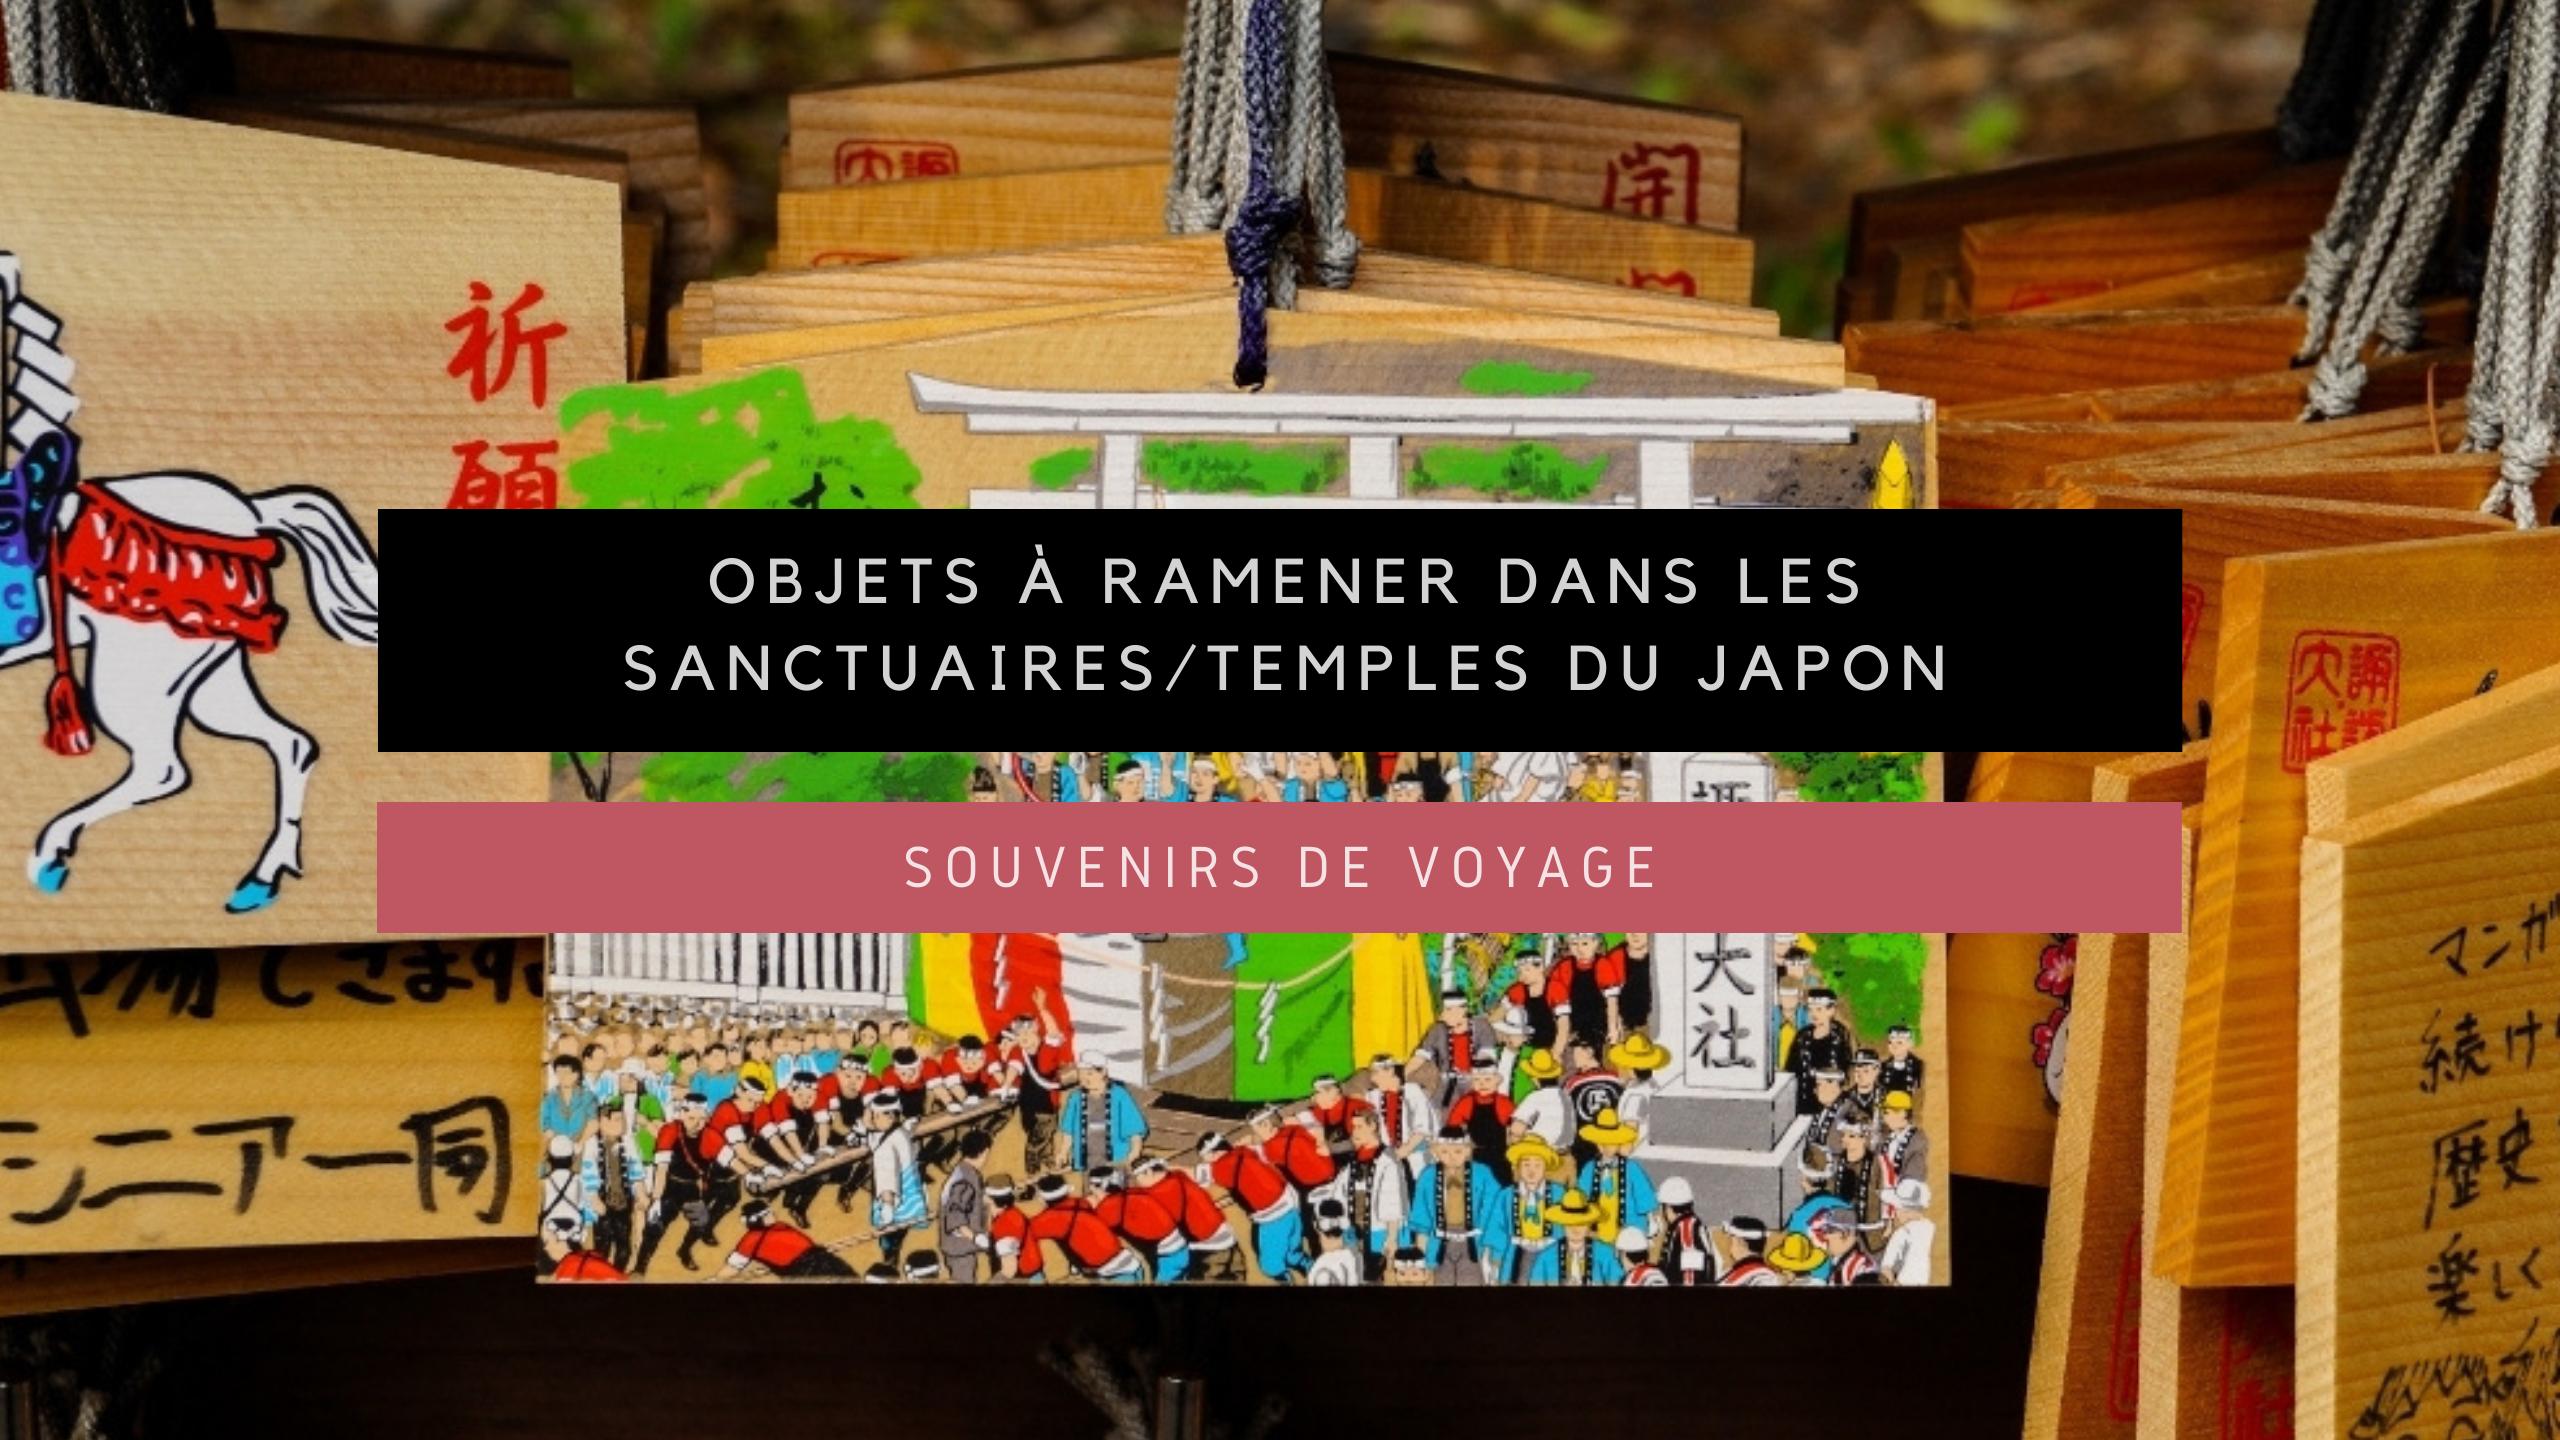 <h1>[Souvenirs de Voyage] Objets à ramener dans les sanctuaires et temples du Japon</h1>